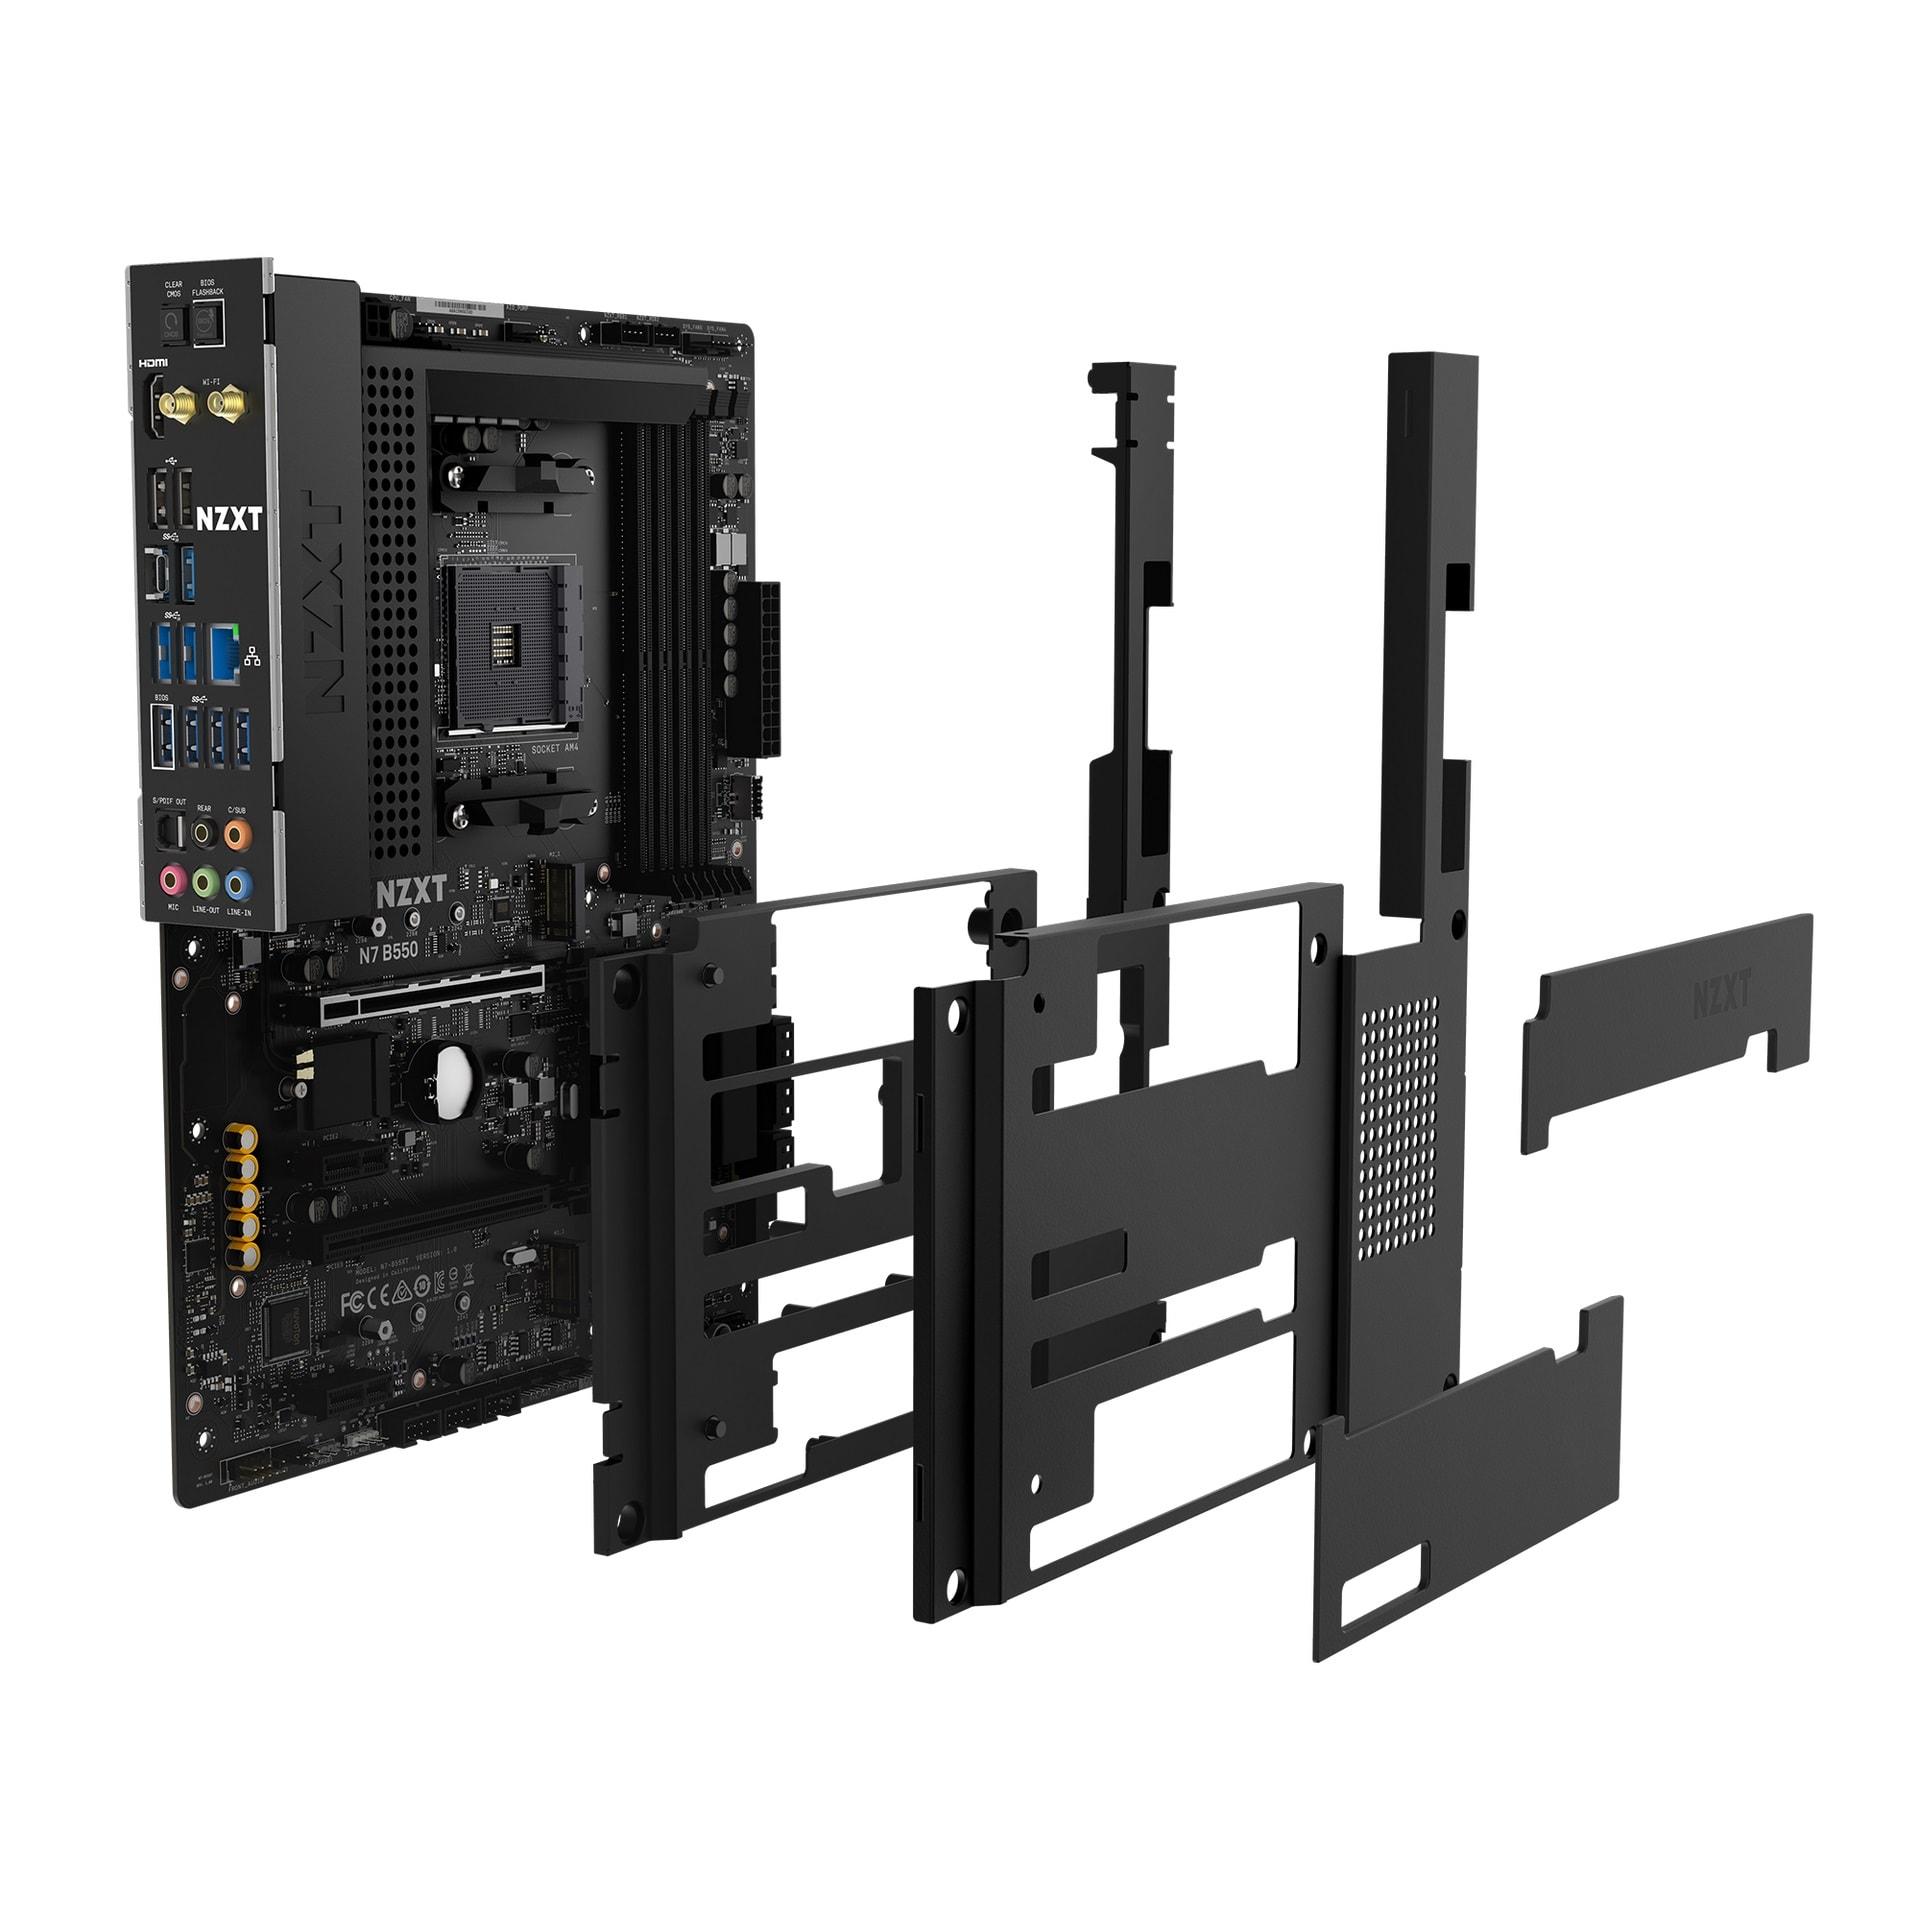 NZXT B550 AMD MAINBOARD